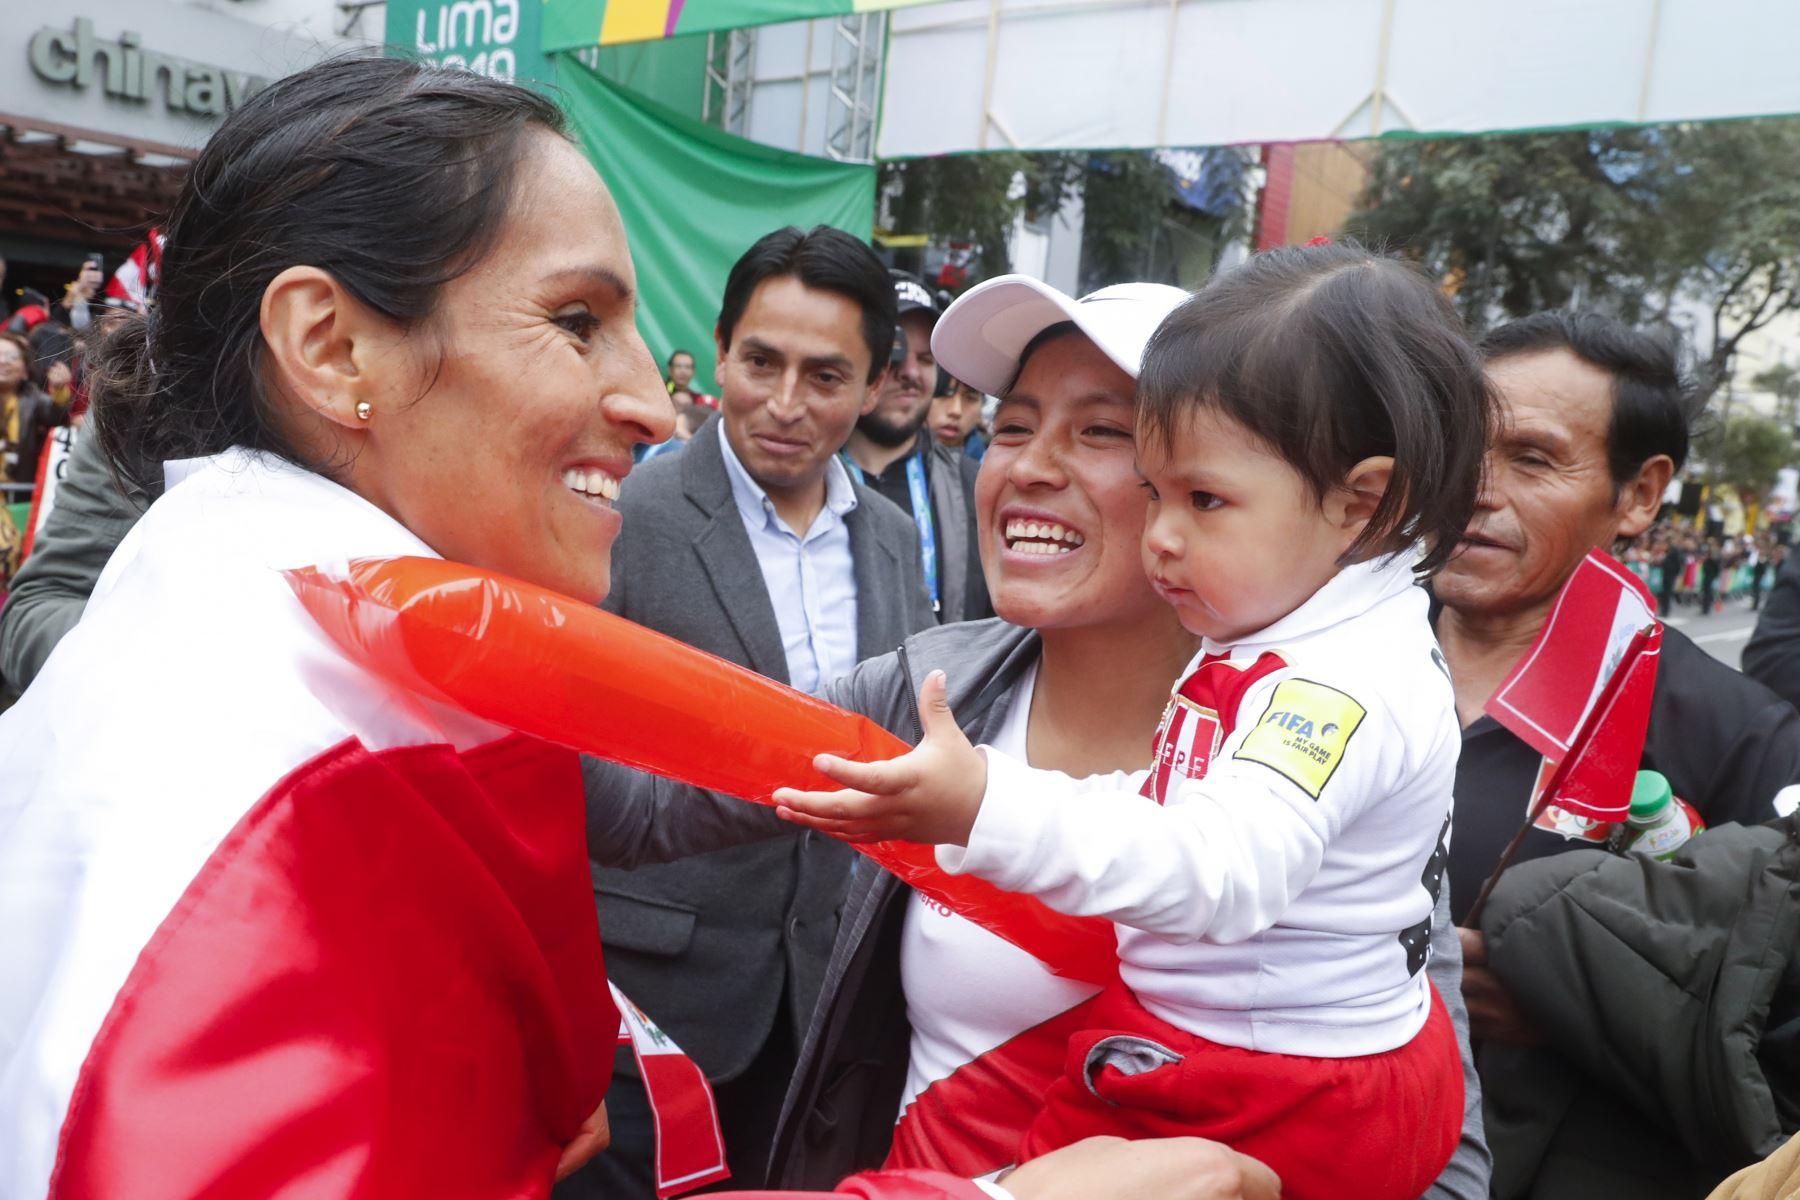 Fotografía tomada el 27 de julio de 2019/ Gladys Tejada de Perú y ganadora de la carrera de maratón saluda a los asistentes al evento luego de la competencia de Maratón durante los Juegos Panamericanos Lima 2019 en el Parque Kennedy. Foto: Vidal Tarqui / Lima 2019